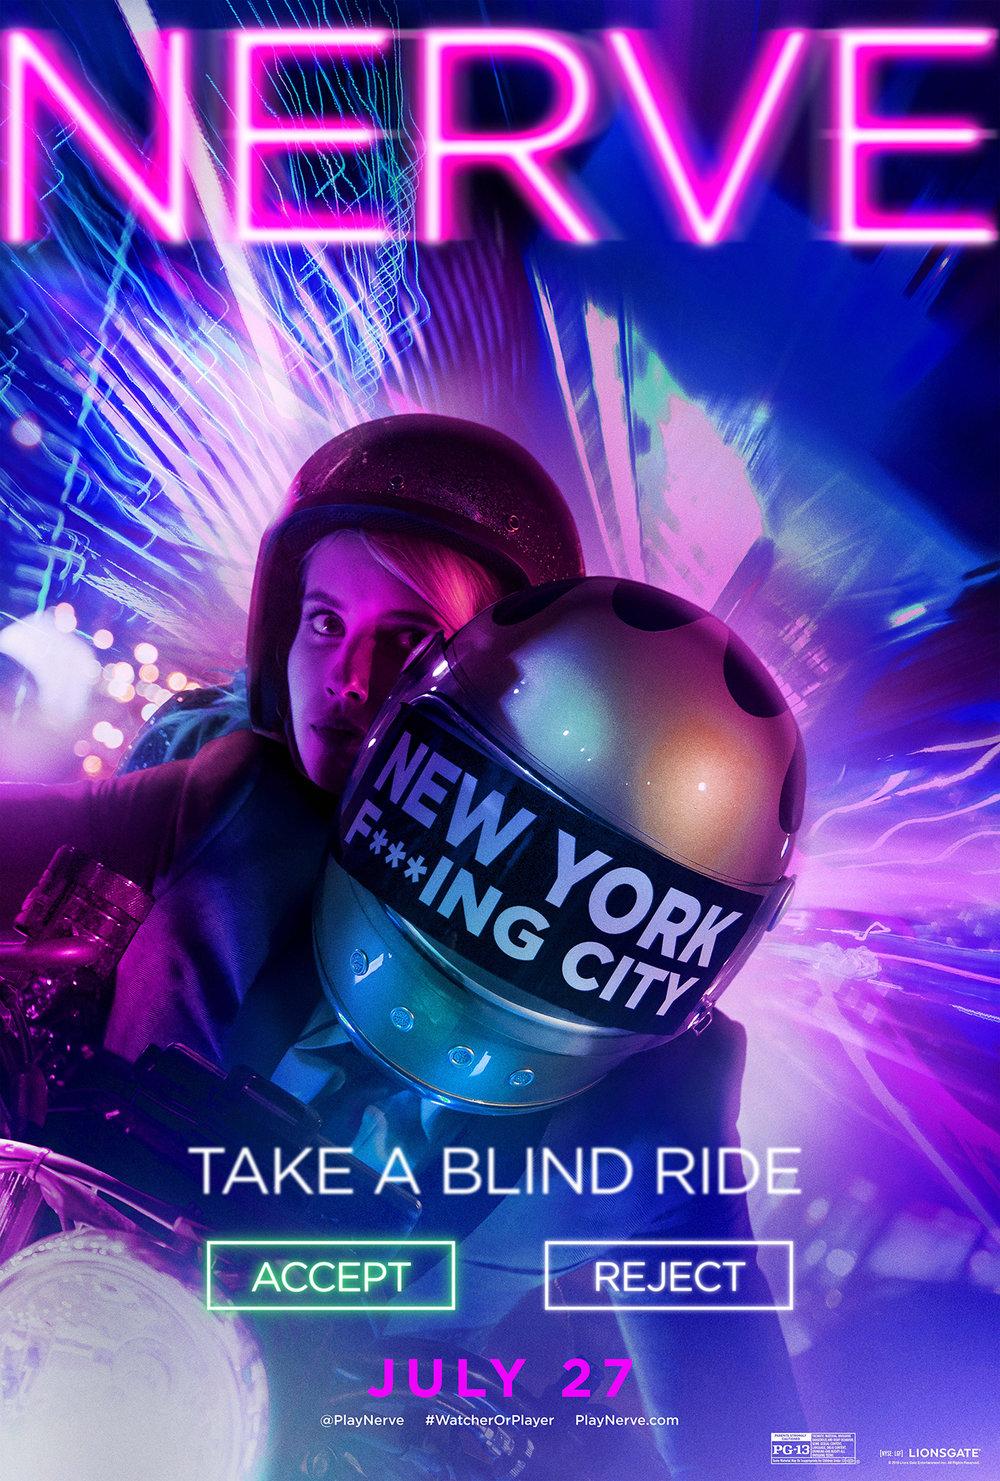 Nerve_Online_1Sht_Ride_100dpi.jpg